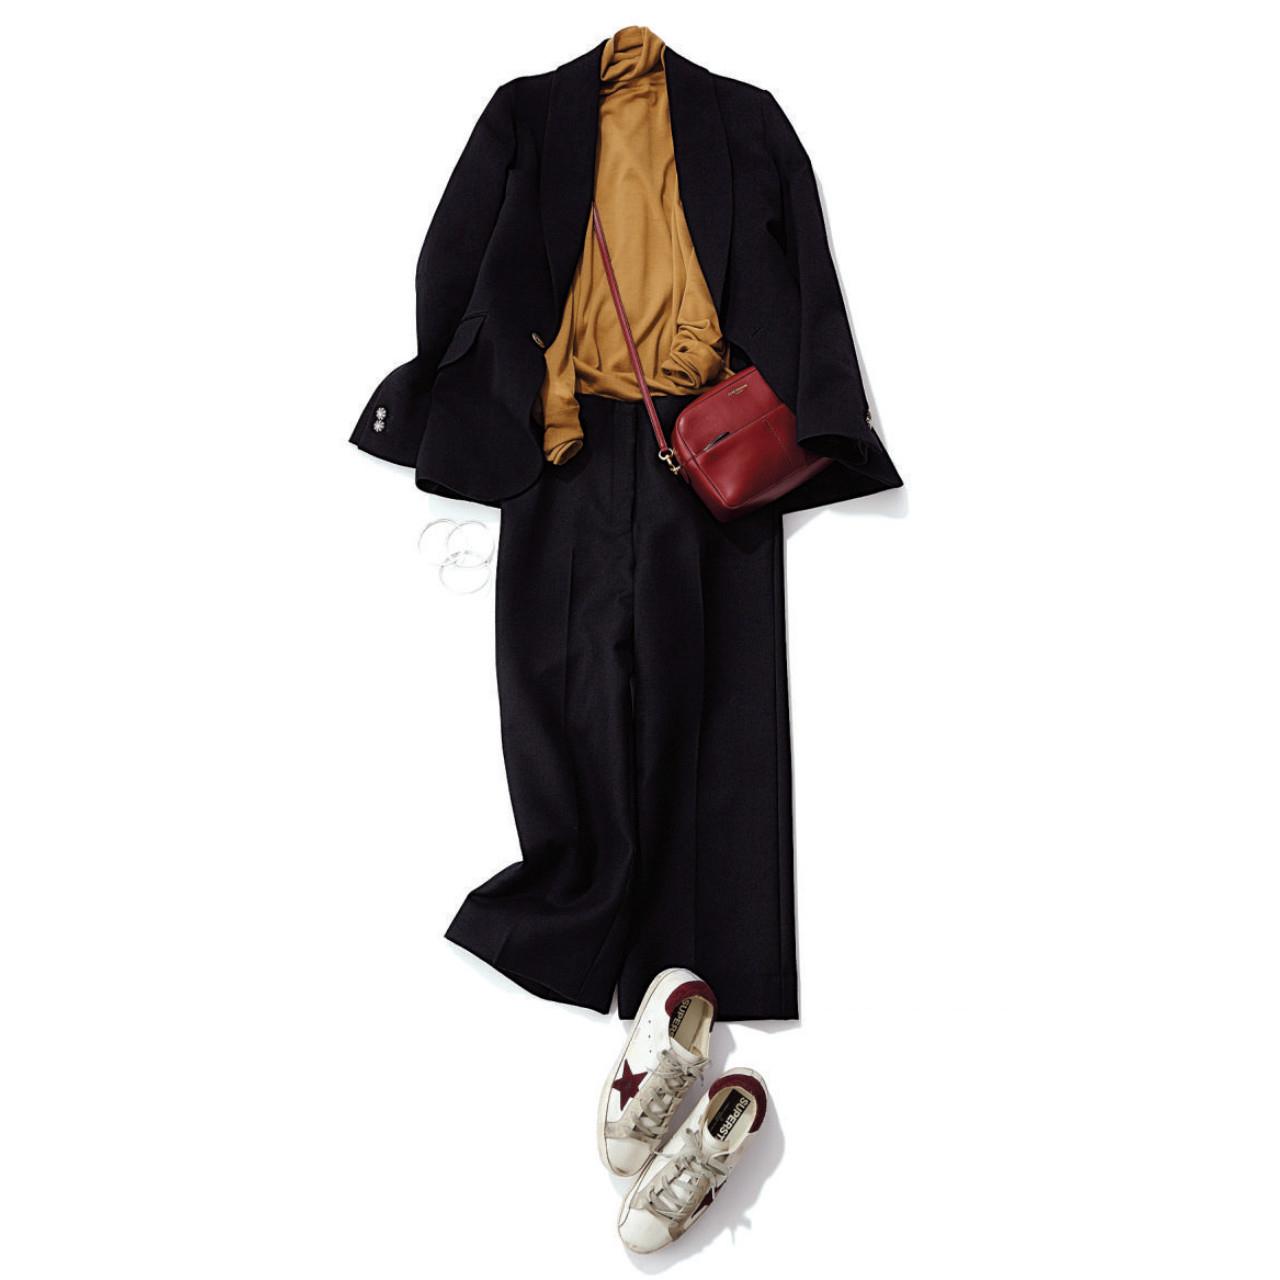 ジャケット×黒パンツのファッションコーデ